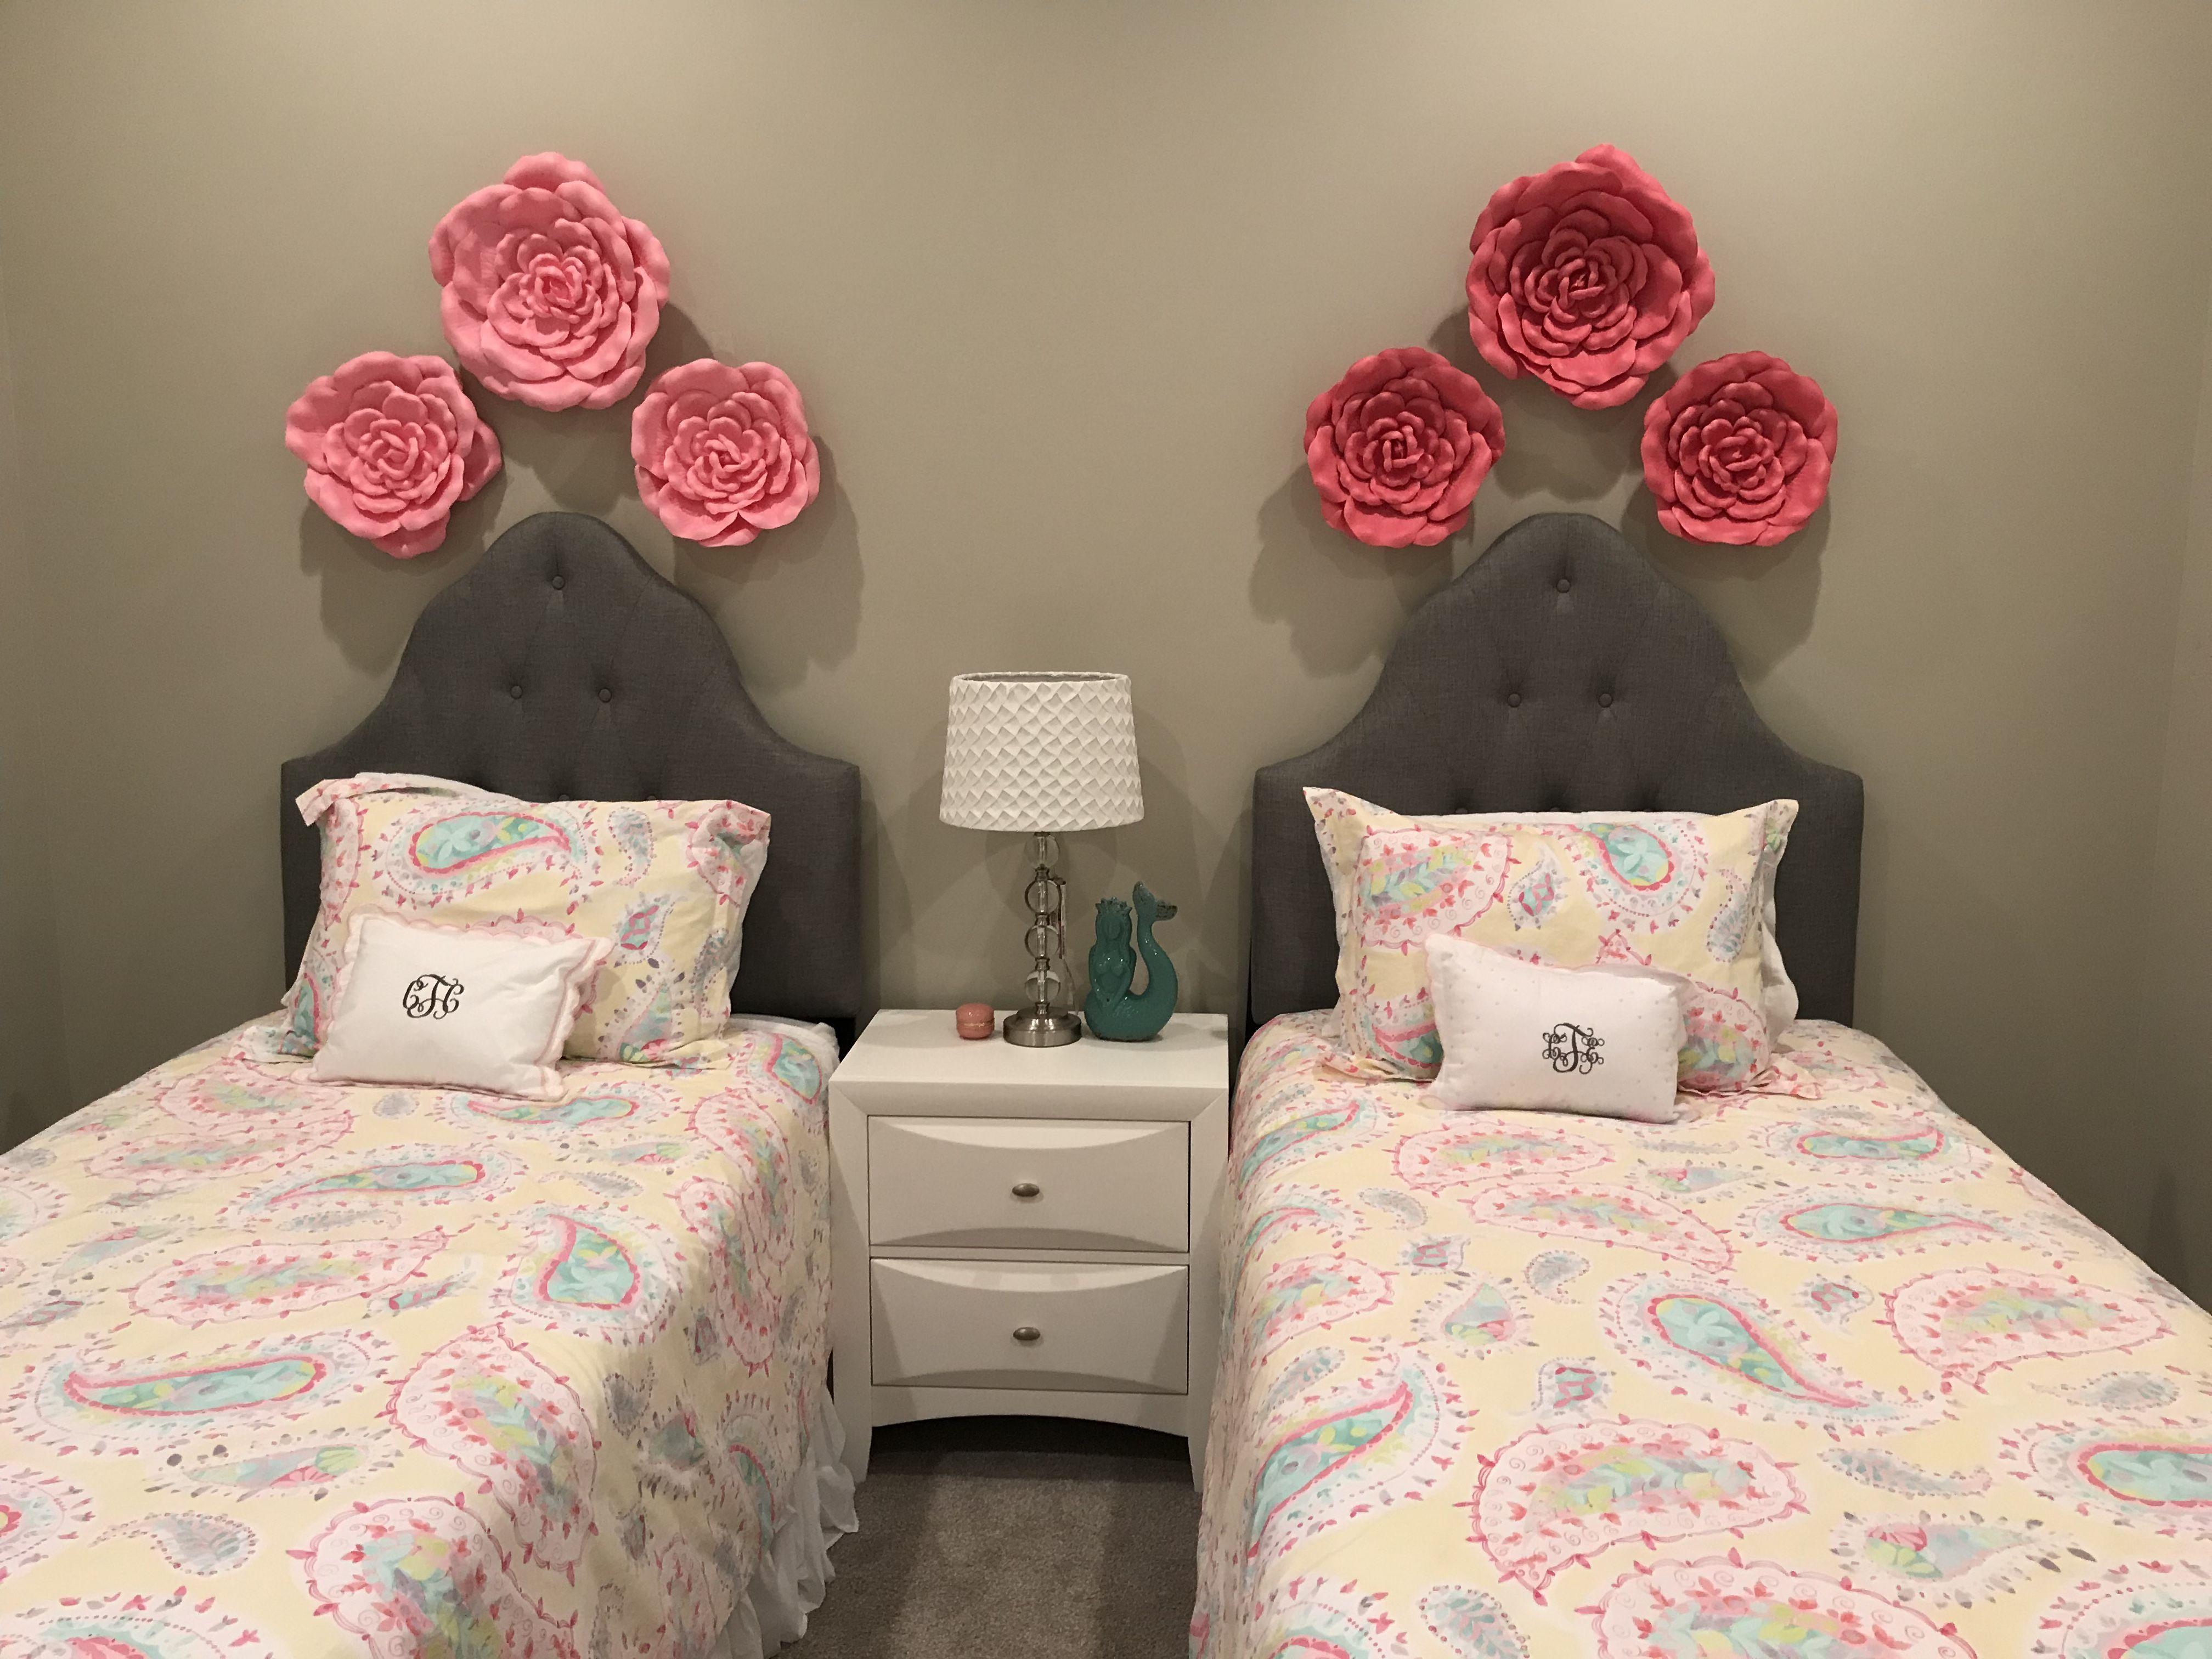 Pottery barn duvet, pink flowers, gray headboard, twin